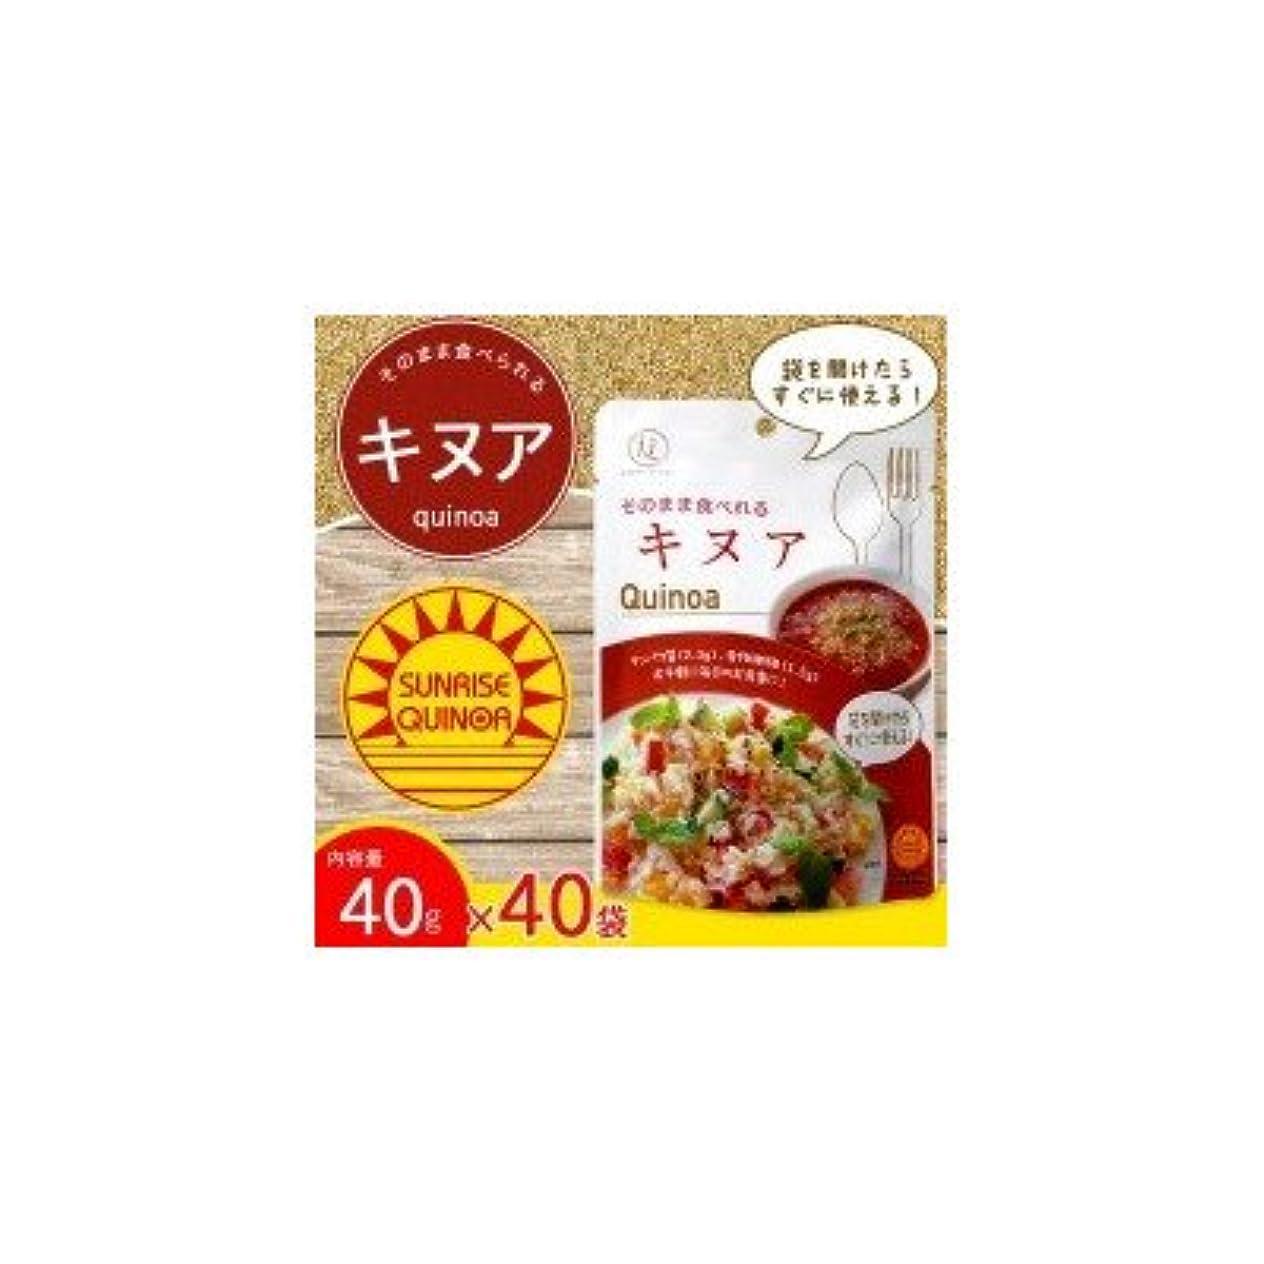 強化メロディアス開示するそのまま食べれるキヌア 40g×40袋